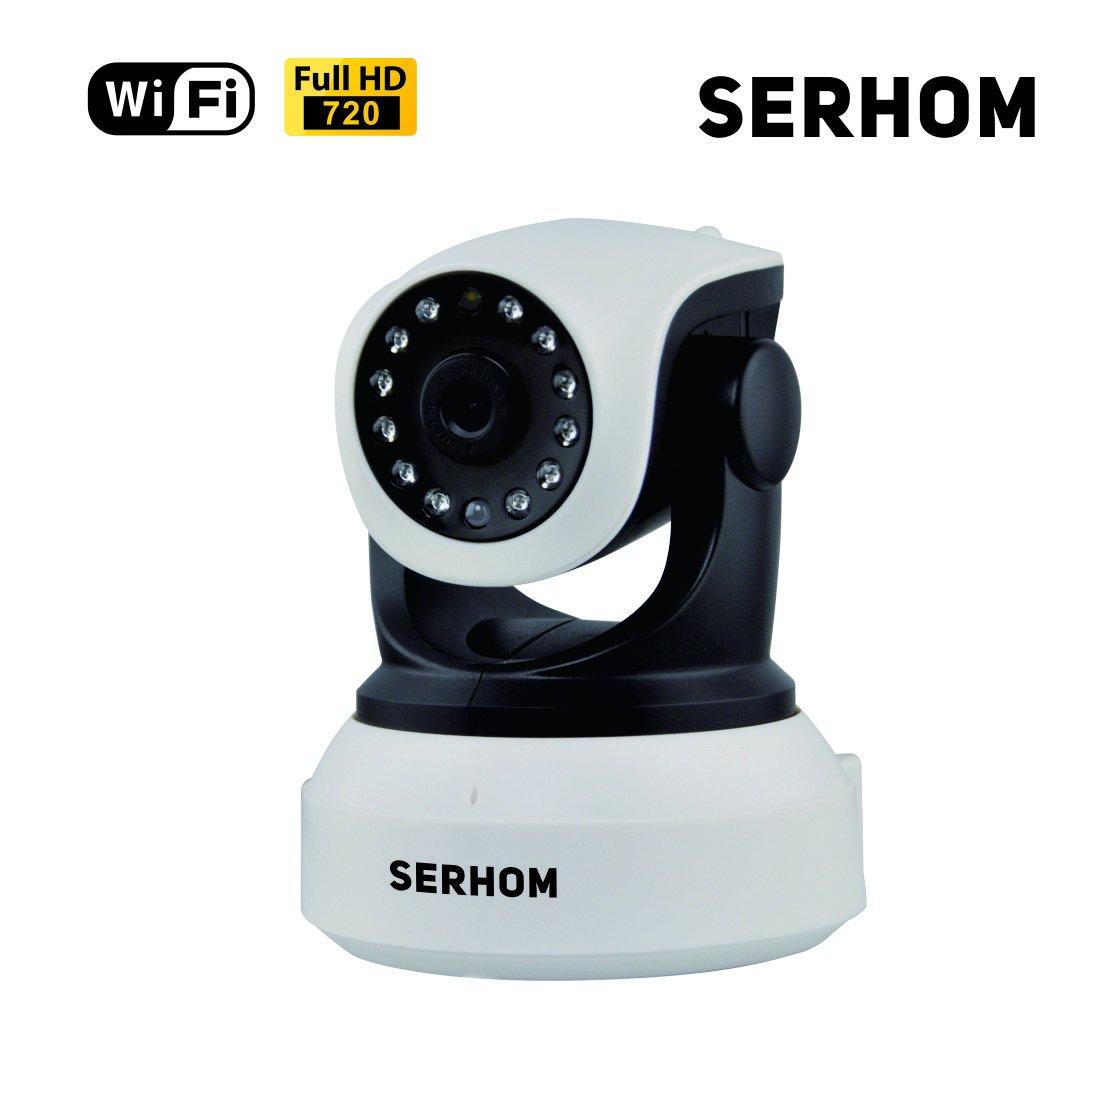 serhom IPカメラ1080p / 720pネットワークワイヤレスWebカメラ、WiFiセキュリティ監視カメラ、Onekey WiFi高速設定、ナイトビジョン 720P ホワイト SH24CA-720P B06WVL9CS9 720P|SH24CA-720P SH24CA-720P 720P